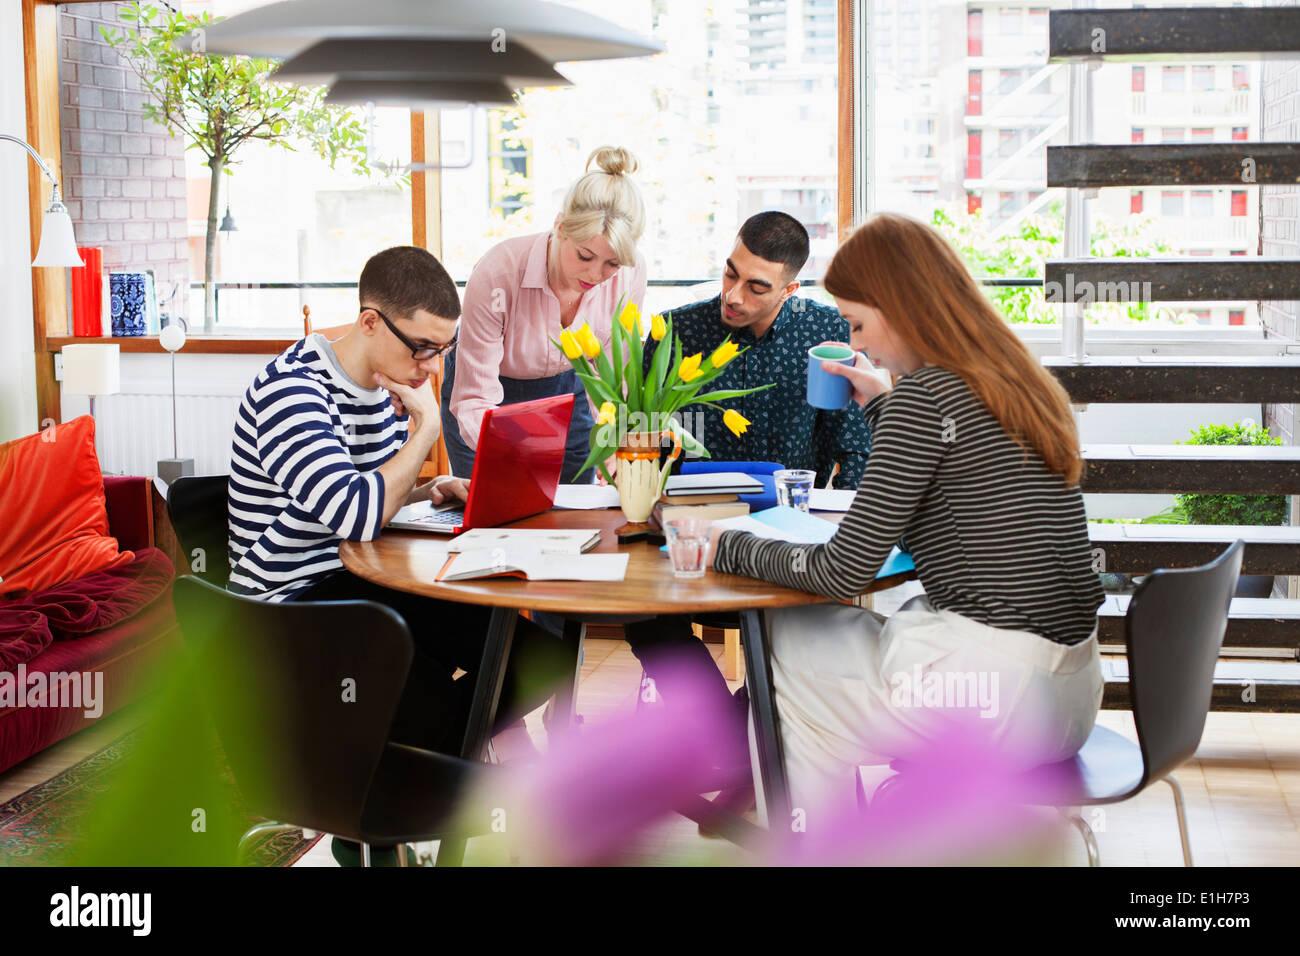 Quatre jeunes adultes assis autour de l'étude table Photo Stock